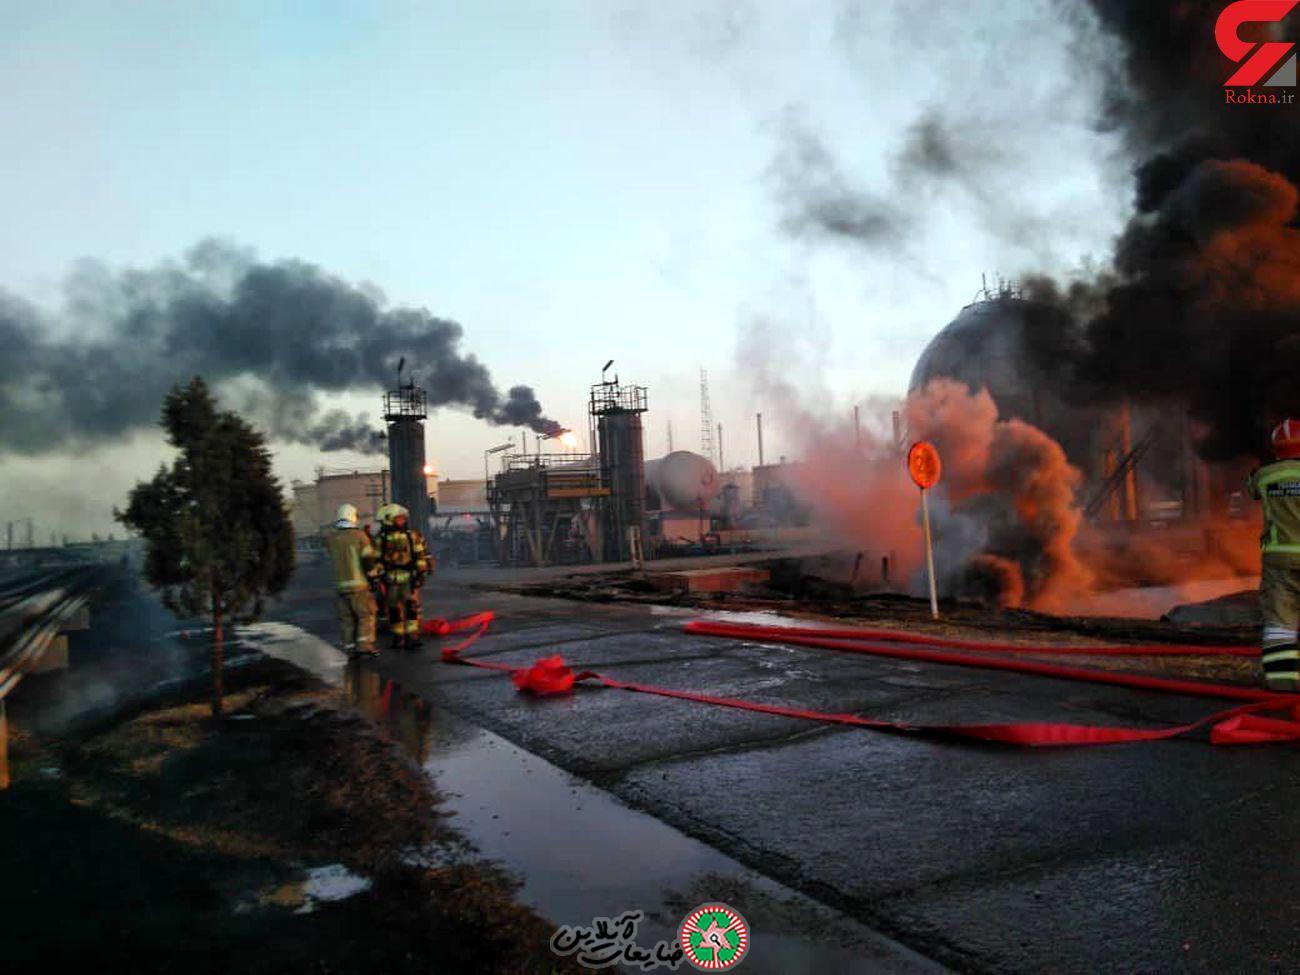 db2f3e763c4769e7aa7fc04195e1a42a - چرا تهران مدام دچار آتش سوزی می شود؟